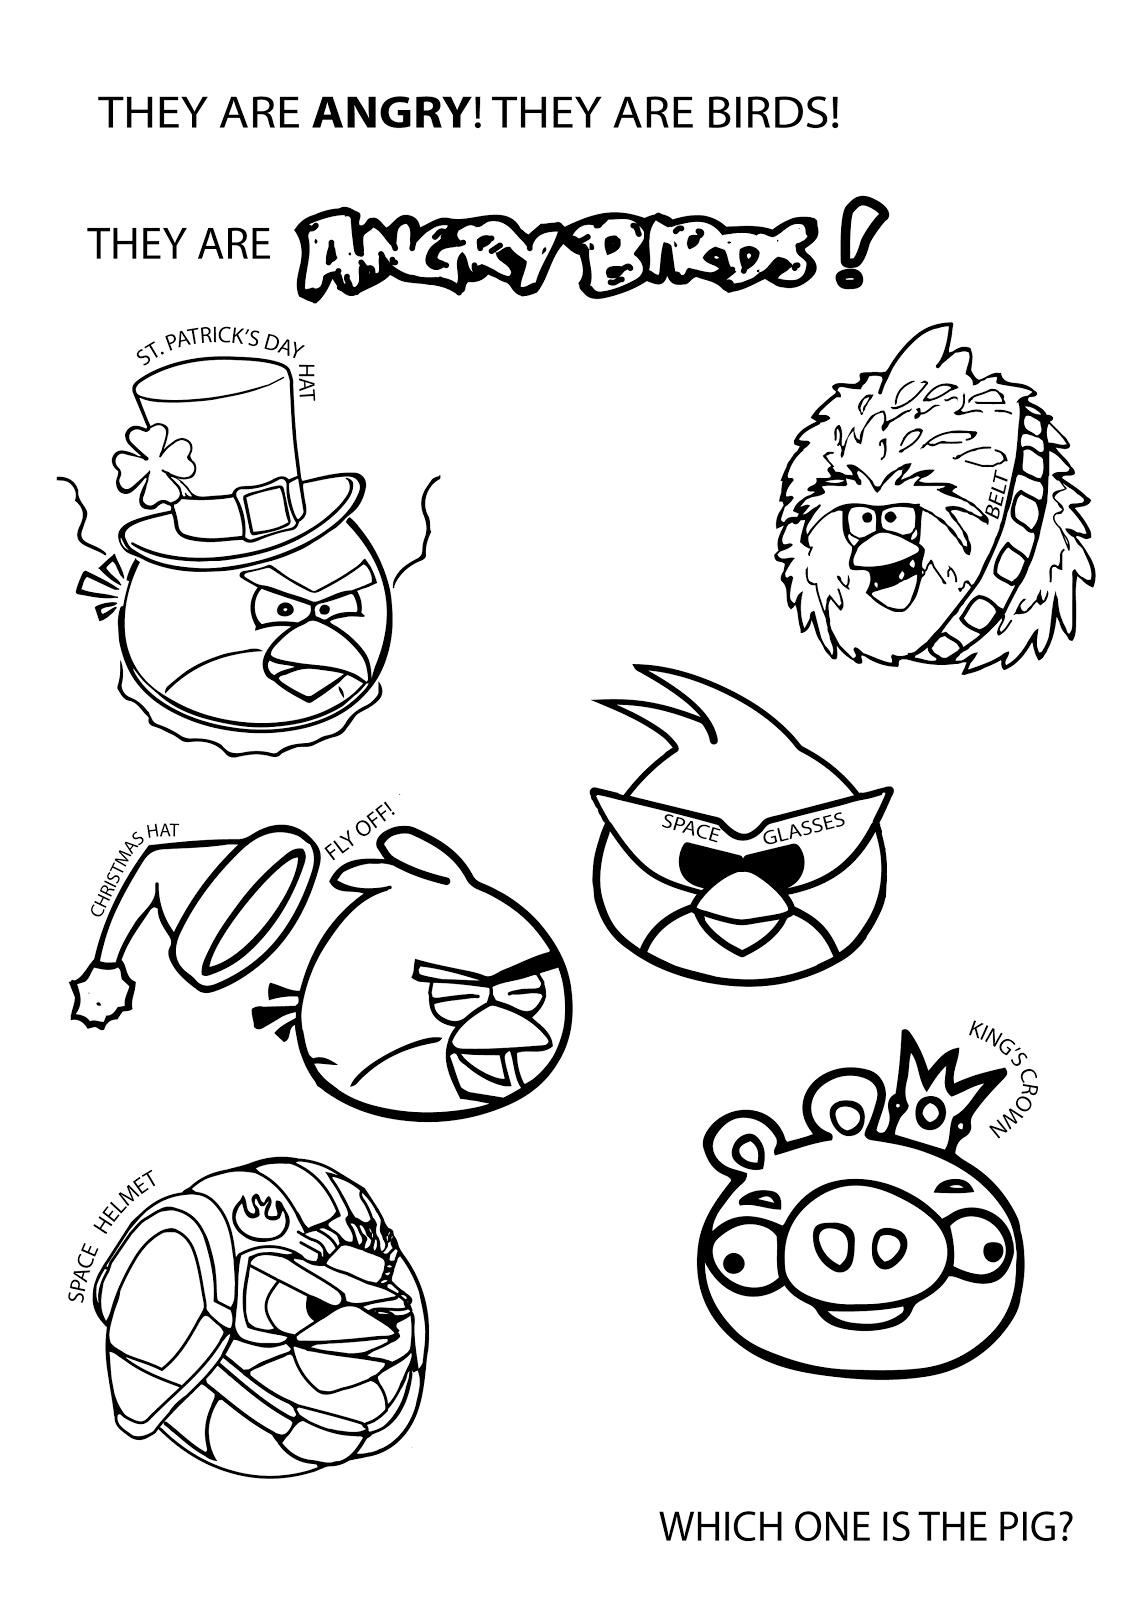 Páginas para colorear originales Original coloring pages: 06/02/17